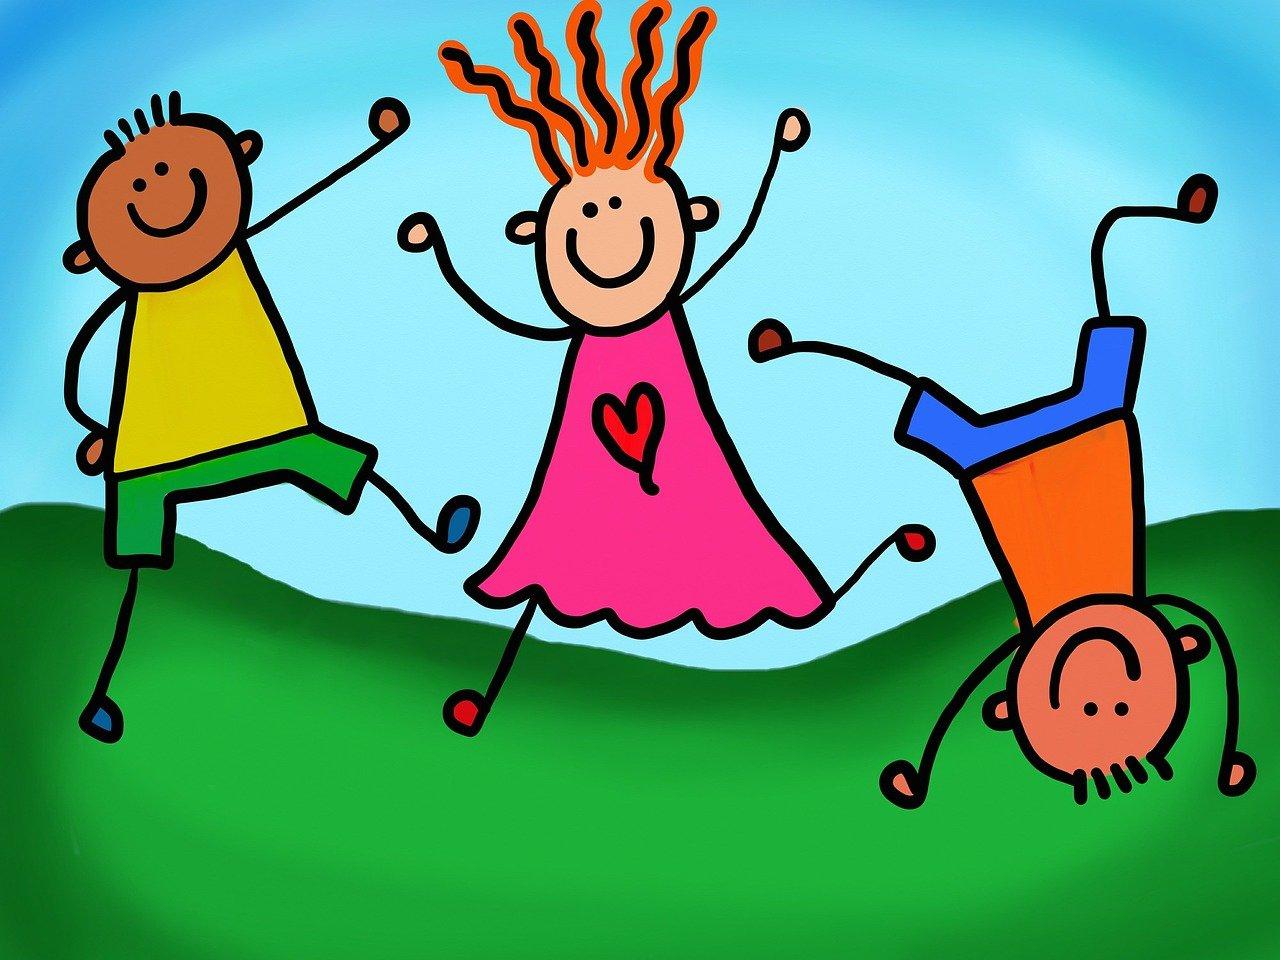 Cartoon of happy kids